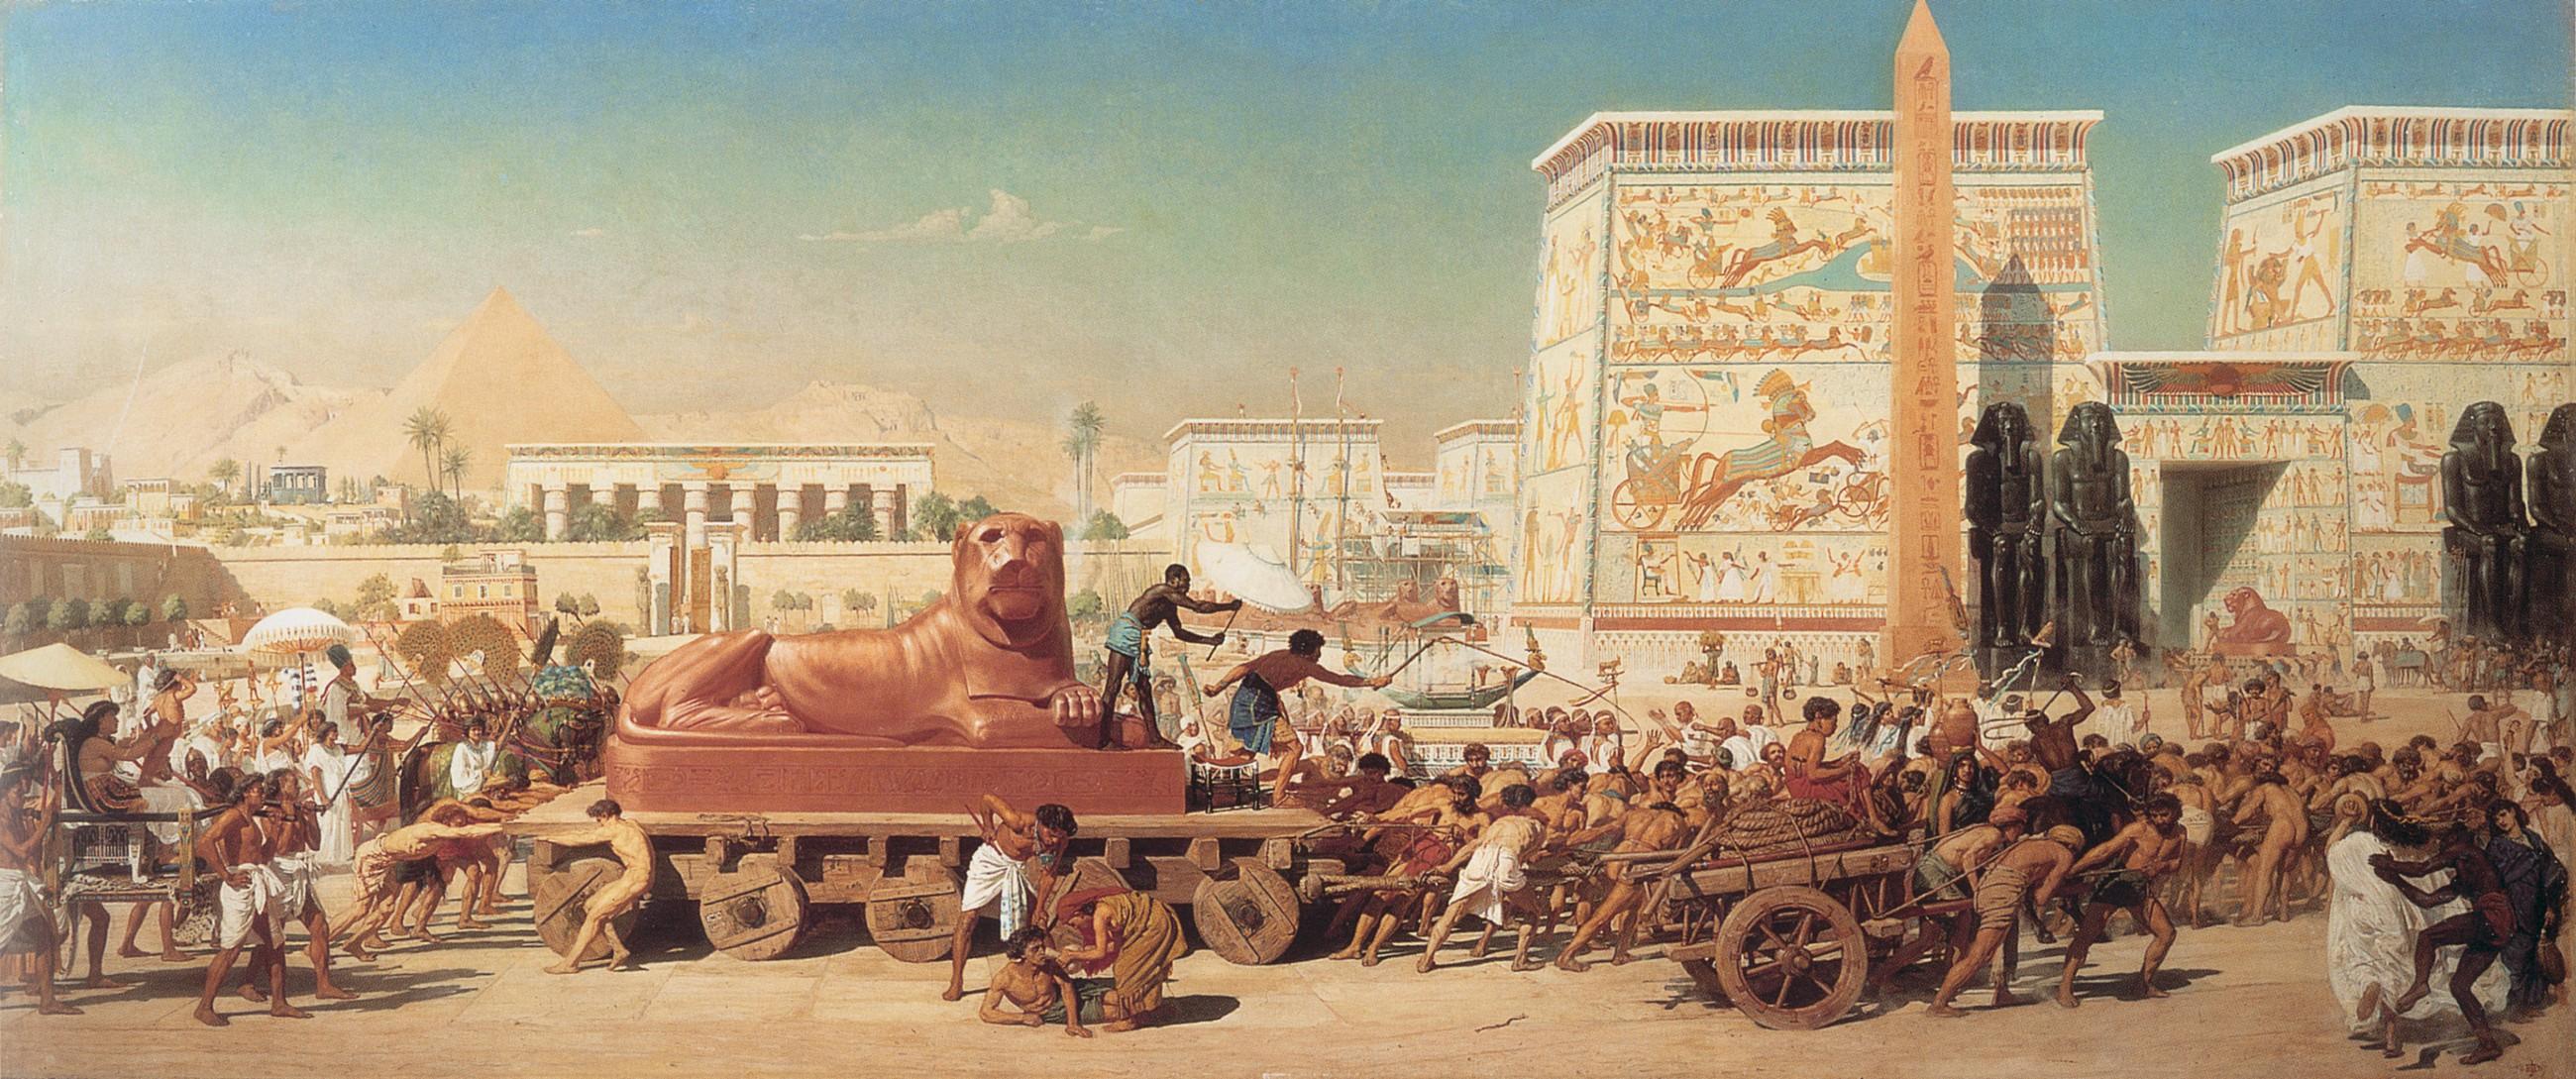 Отдых в Египте, лучшие курорты, туры и отели